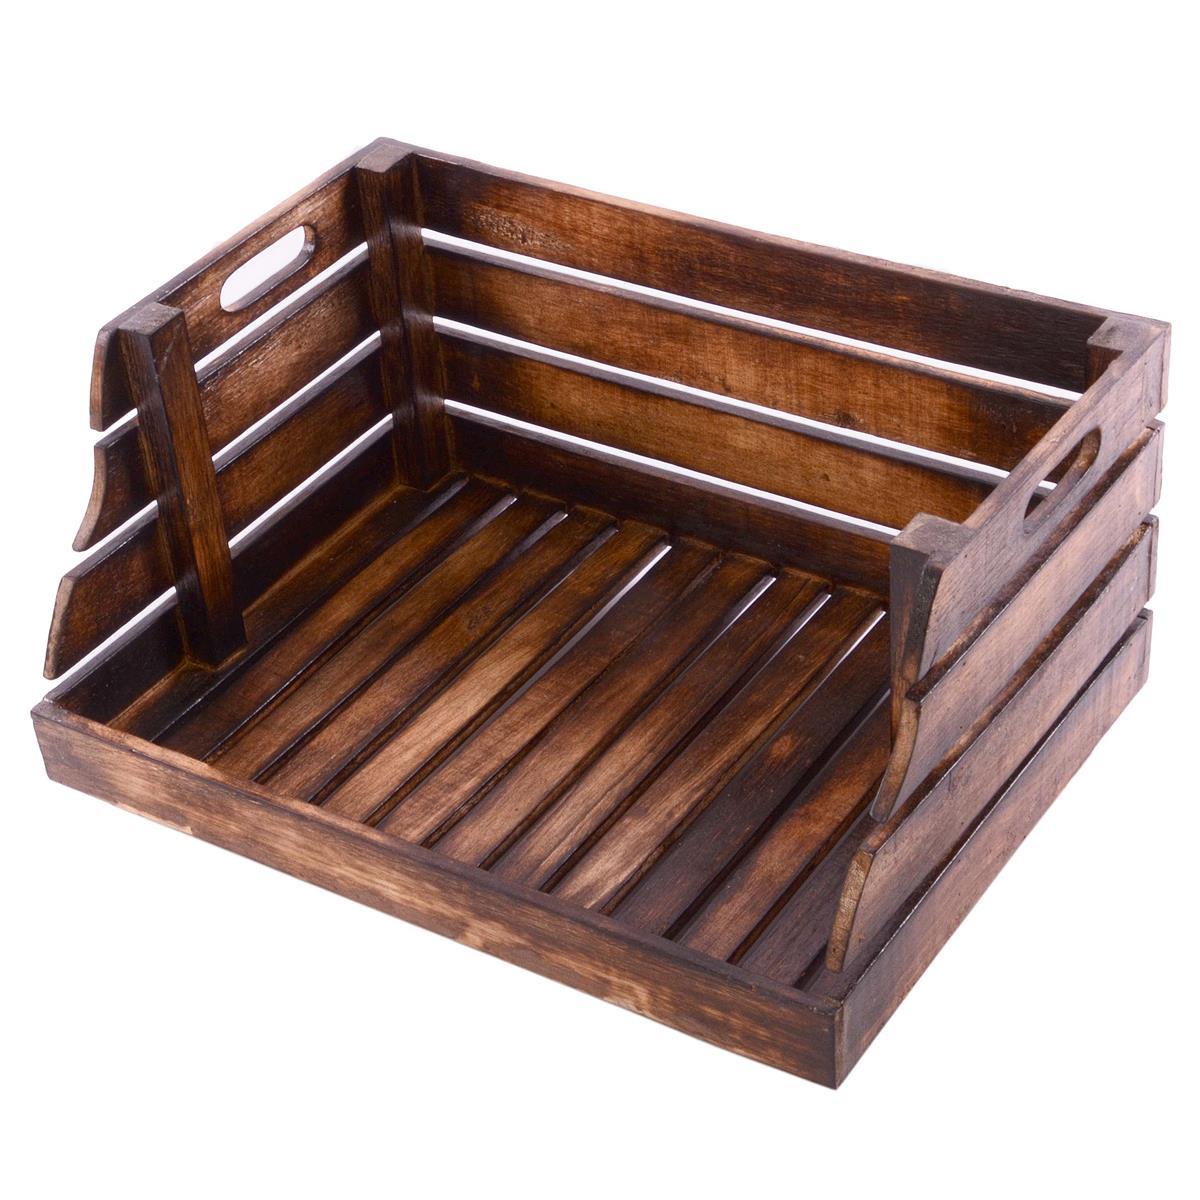 DIVERO Holzkiste Stapelkiste Spielzeugbox Stiege Aufbewahrung 49x35cm